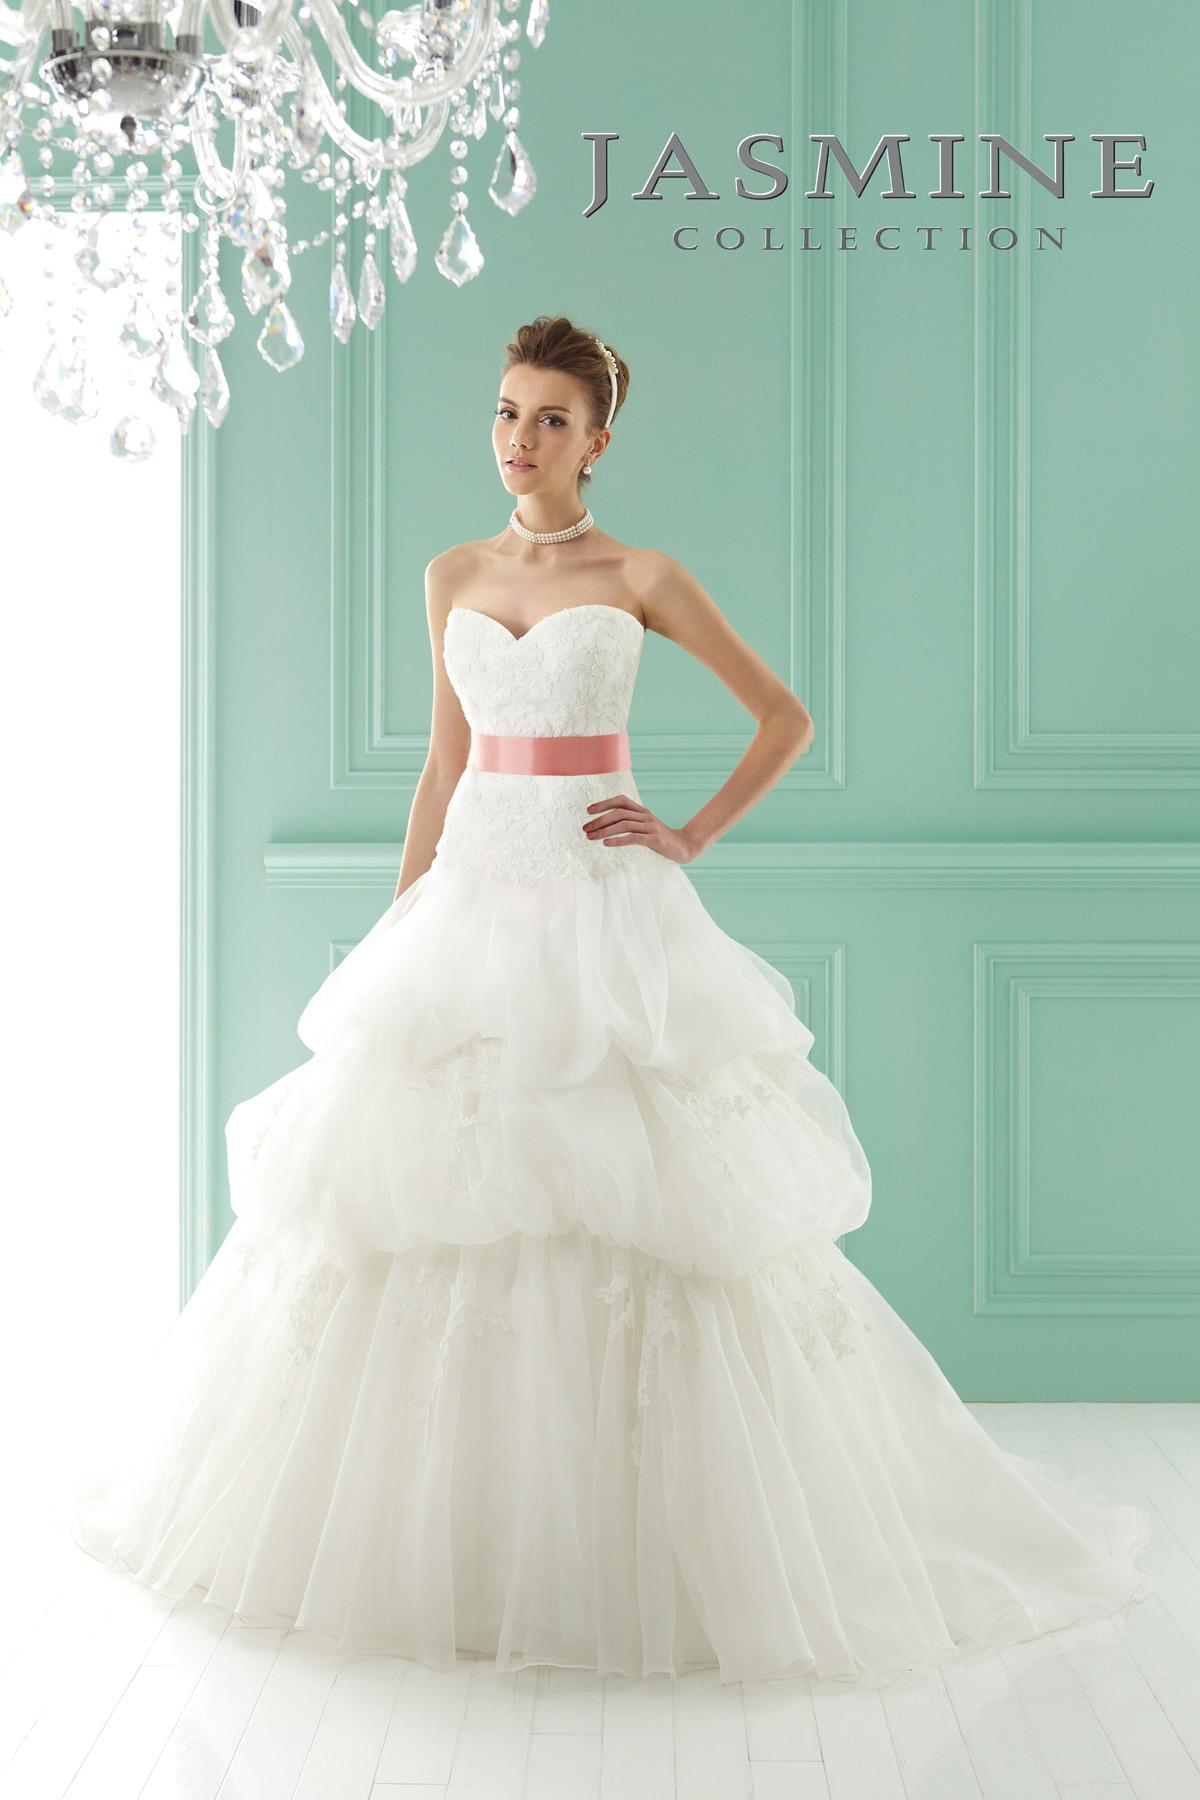 jasmine bridal wedding gowns. Black Bedroom Furniture Sets. Home Design Ideas